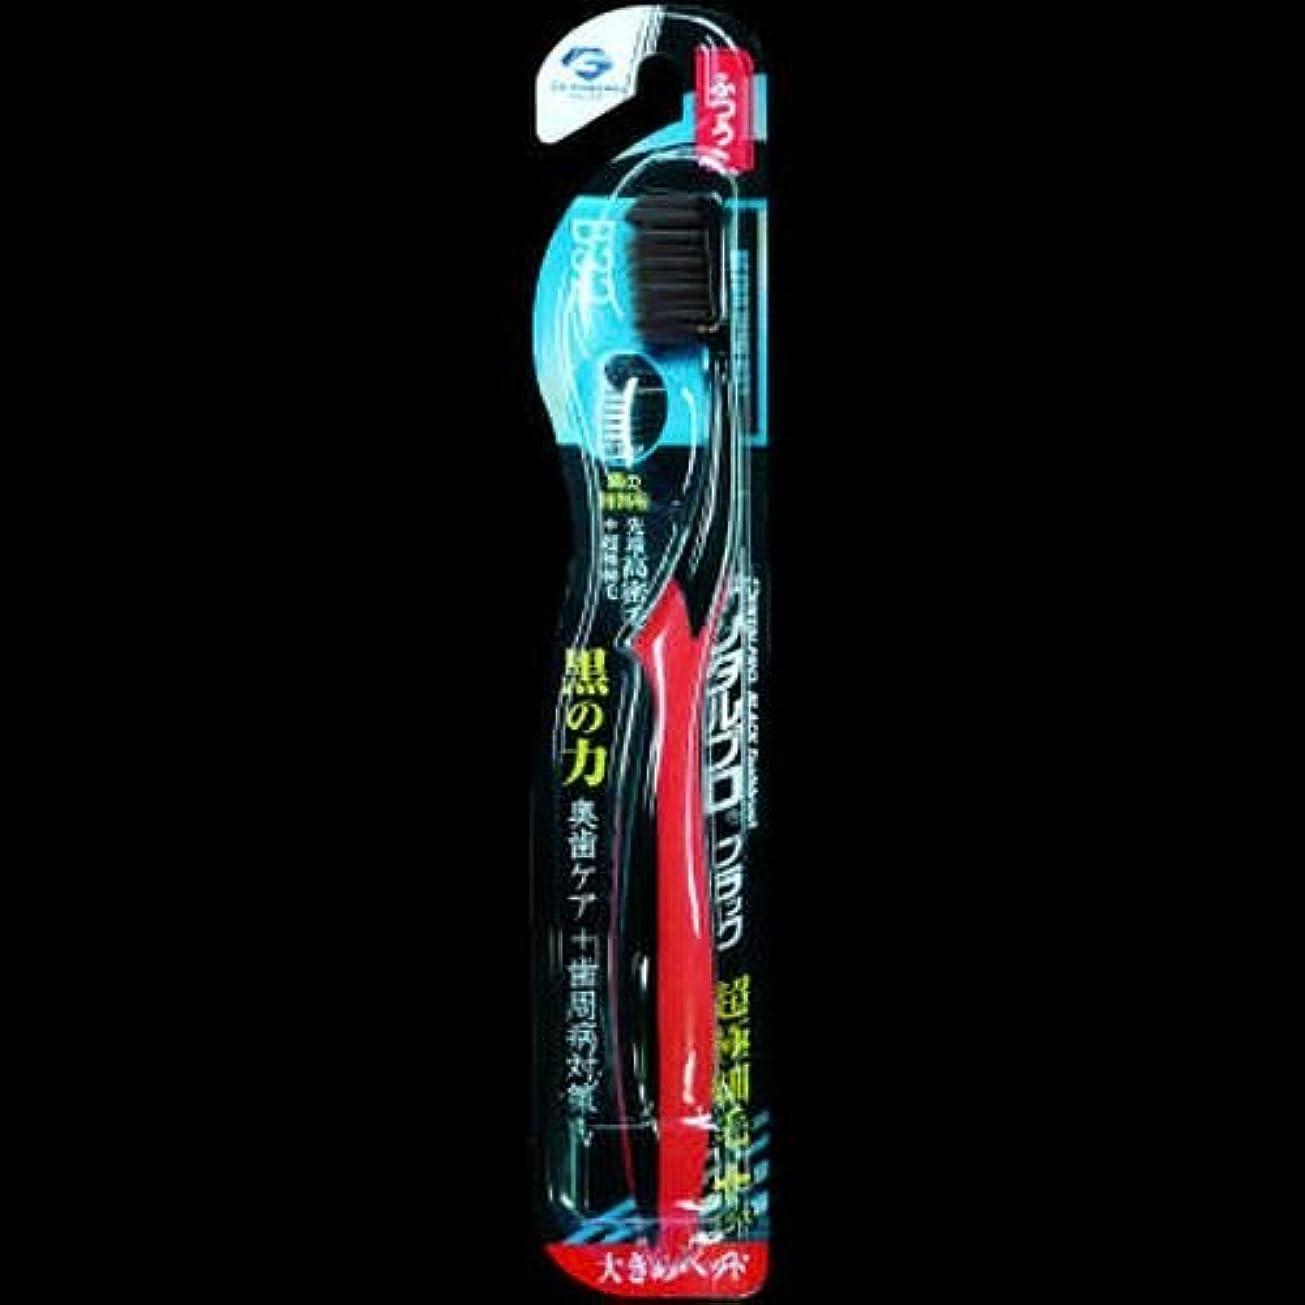 ニンニク中傷男らしいデンタルプロ ブラック歯ブラシ 超極細毛プラス大きめヘッド ふつう ×2セット